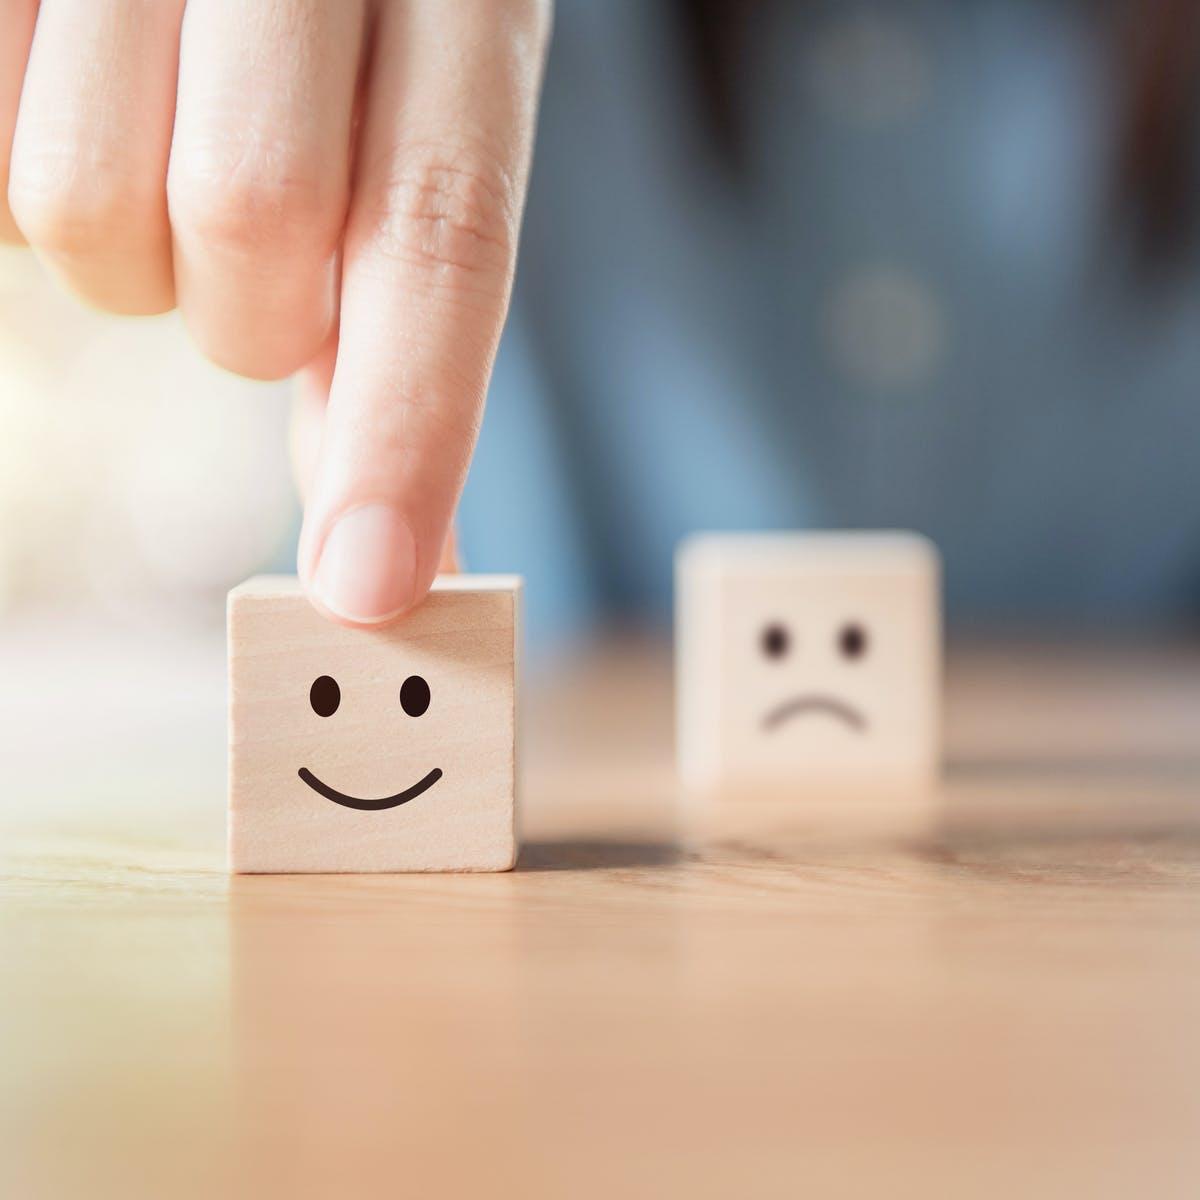 Mi a fontosabb: az egyén vagy a közösség boldogsága? – A főrabbi válaszol